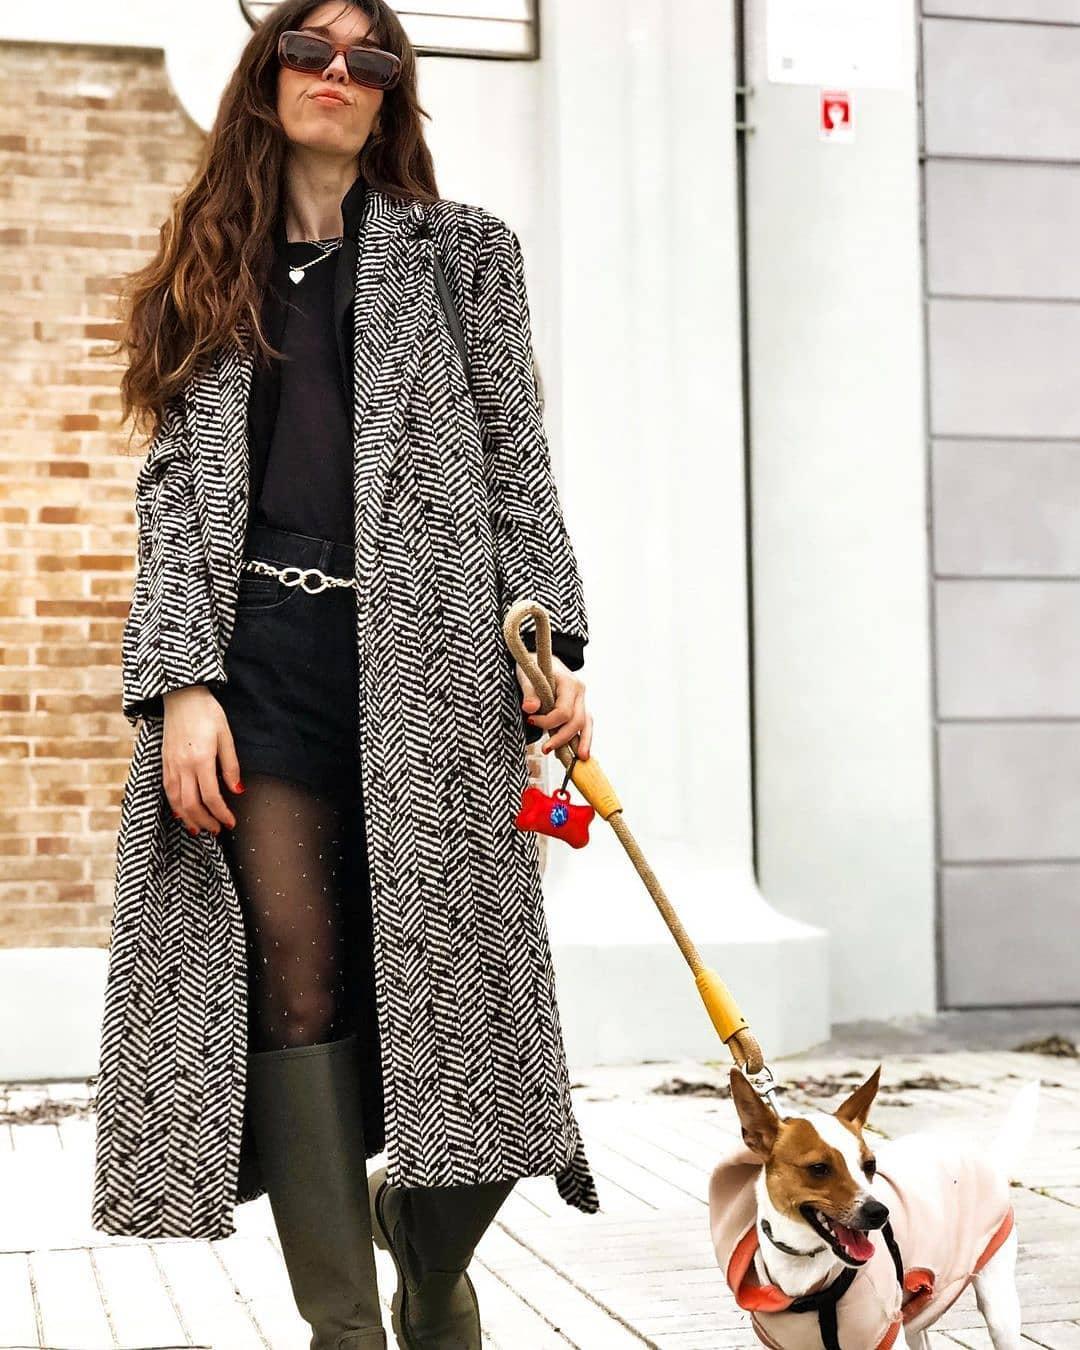 gummed flat boots de Zara sur mango.outfits